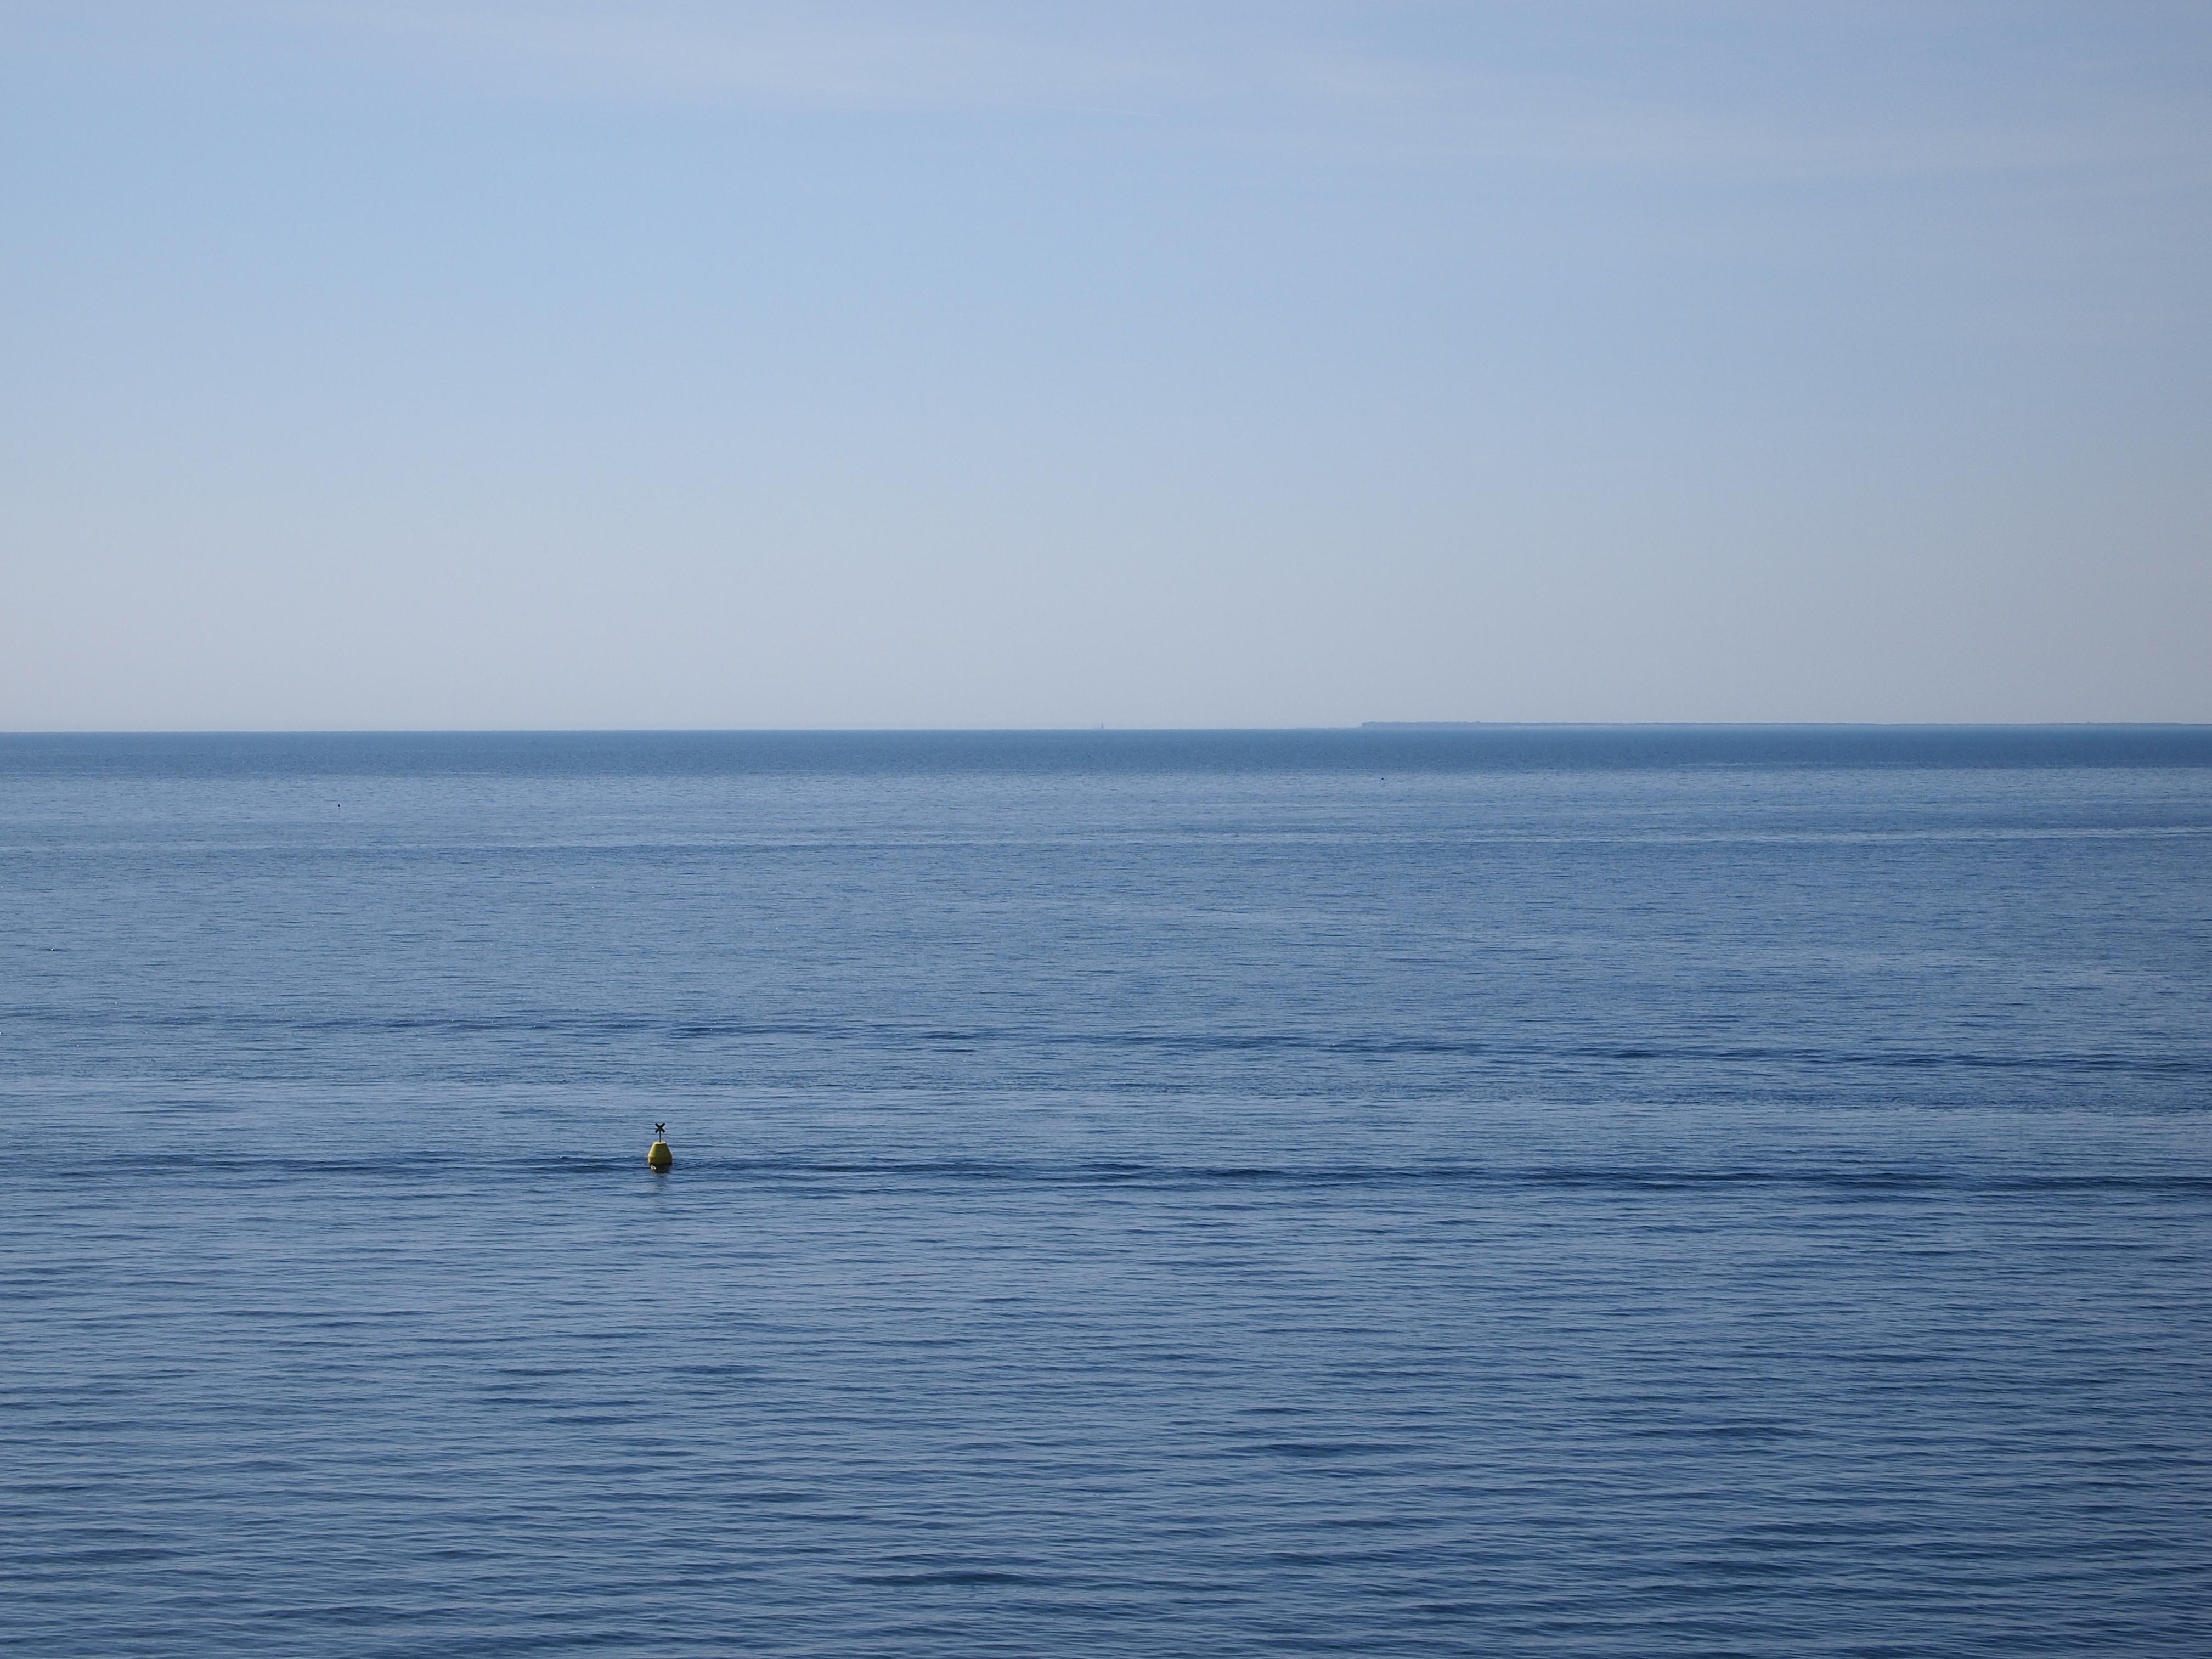 Mare Adriatico 4k Ultra Hd Wallpaper Background Image 4032x3024